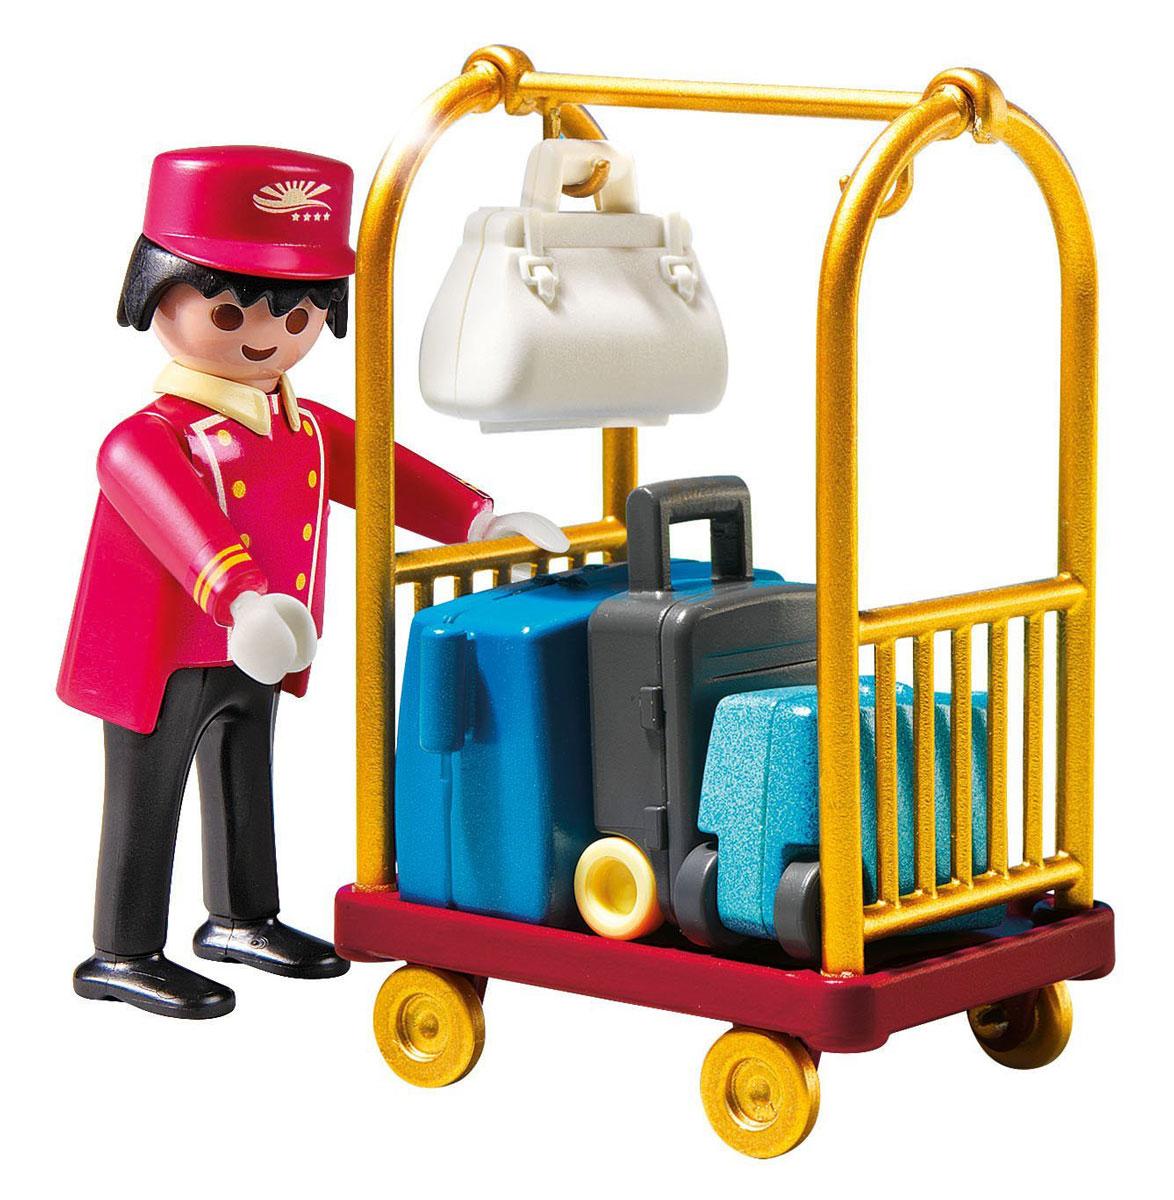 Playmobil Игровой набор Отель Носильщик с чемоданами